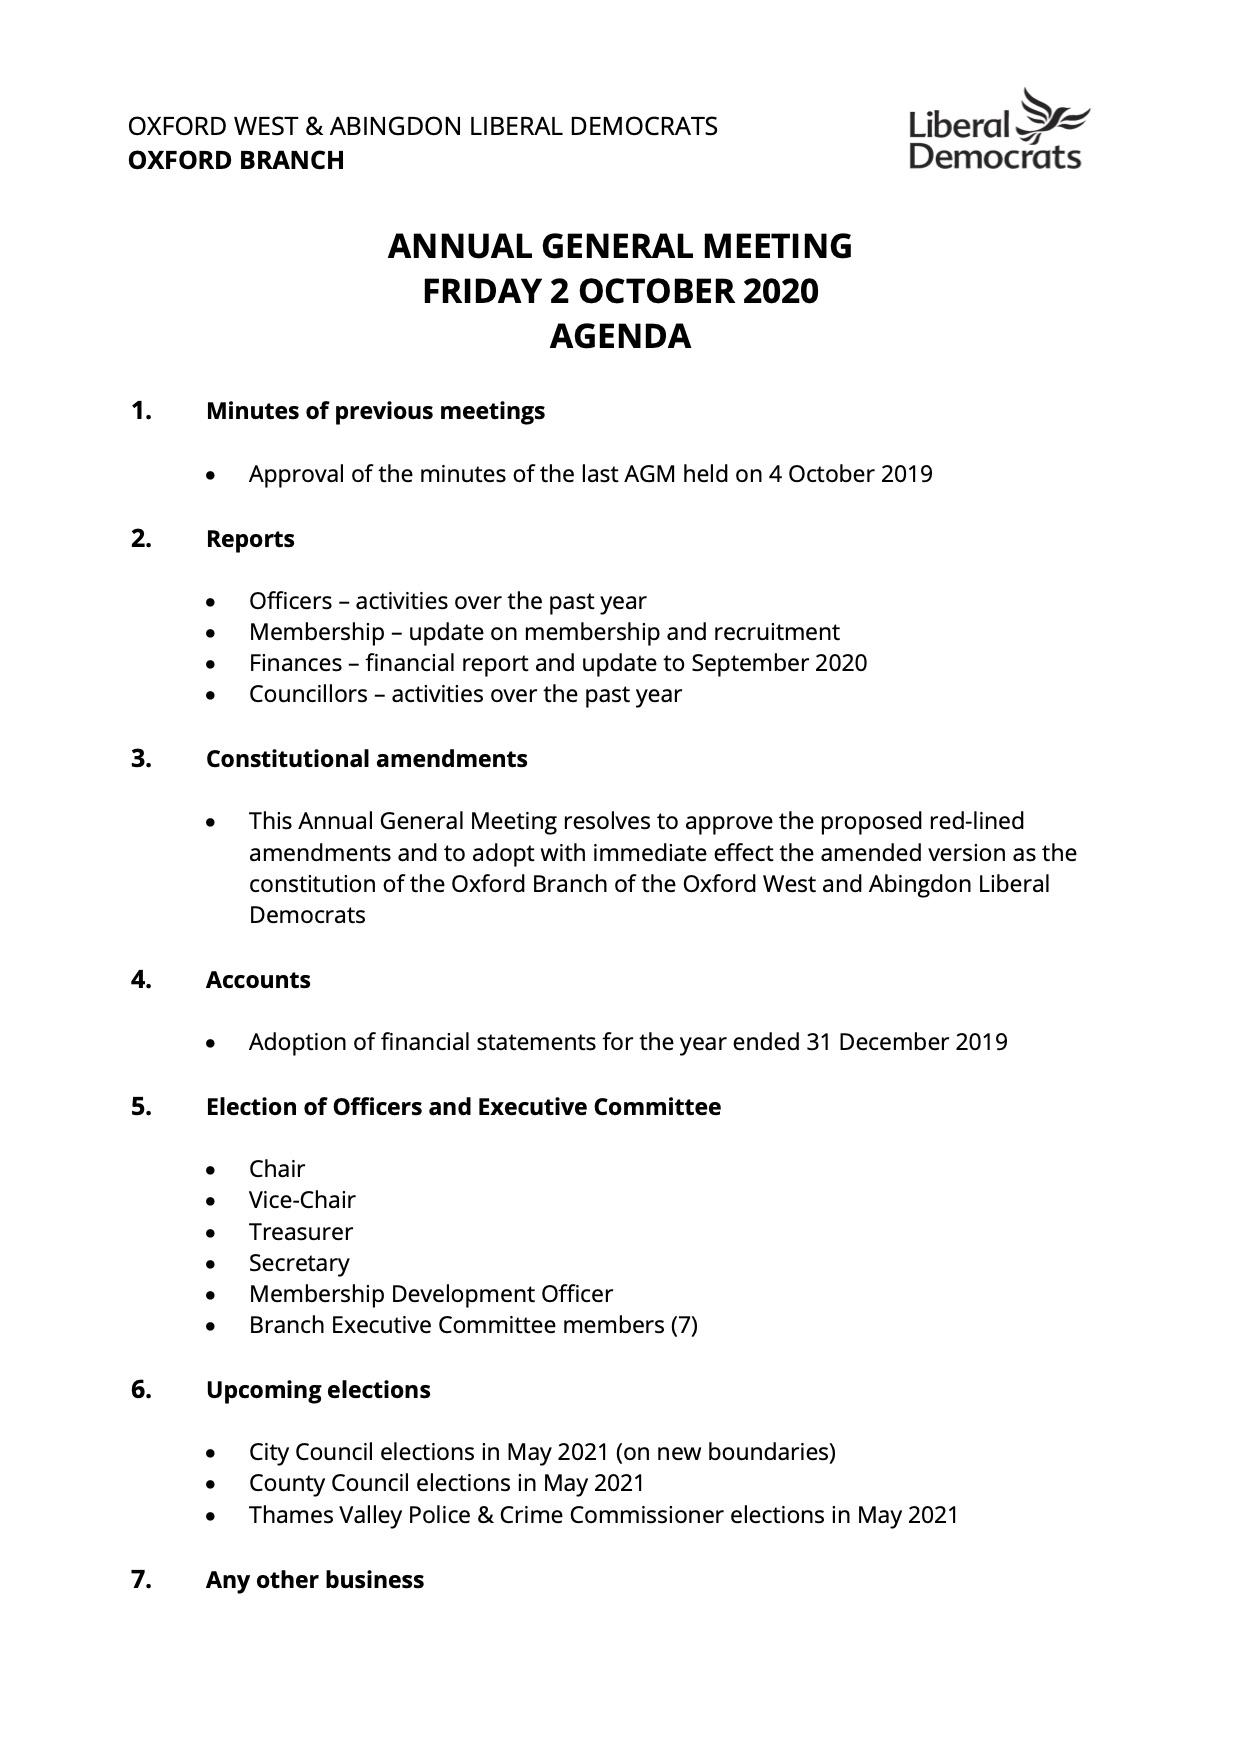 Oxford_Branch_2020_AGM_agenda.jpg